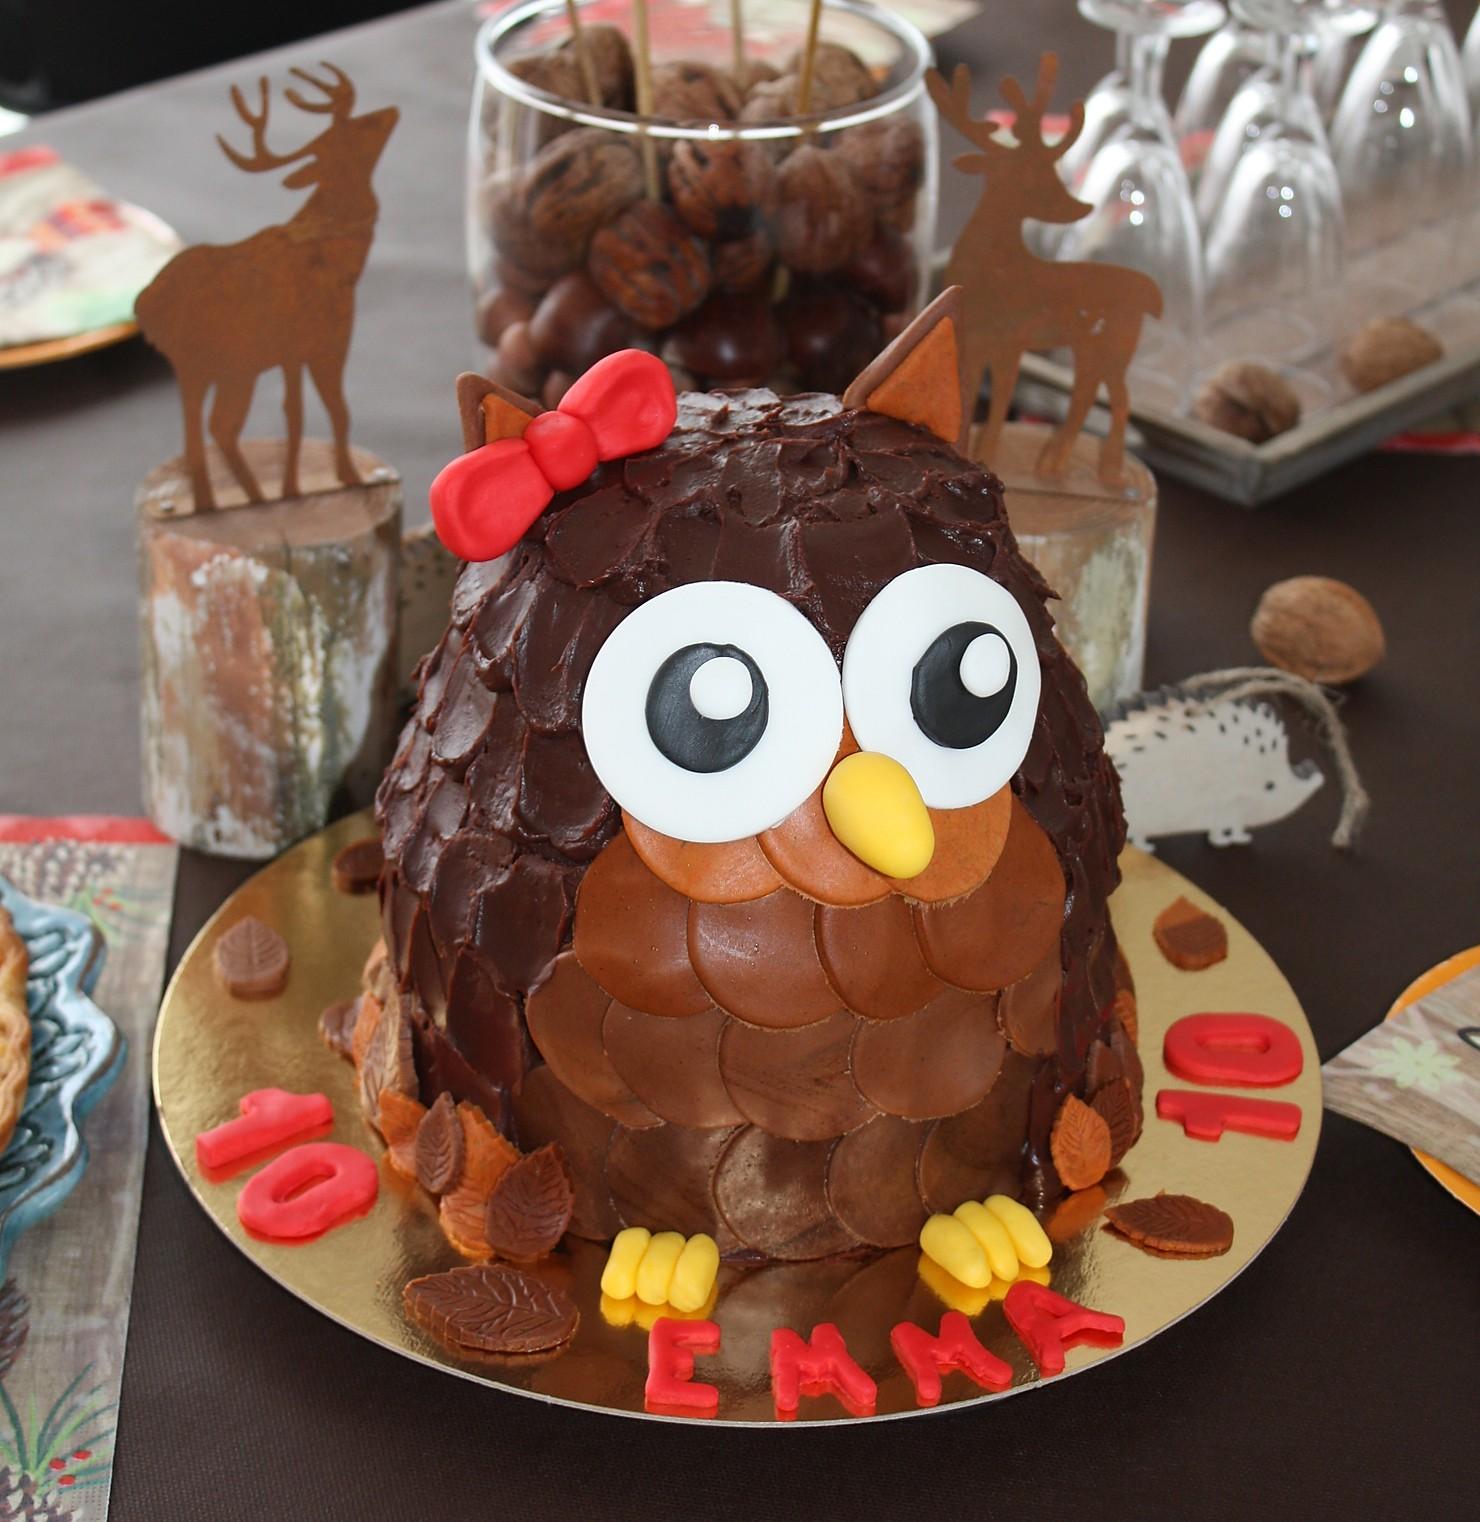 Gâteau au chocolat en forme de chouette